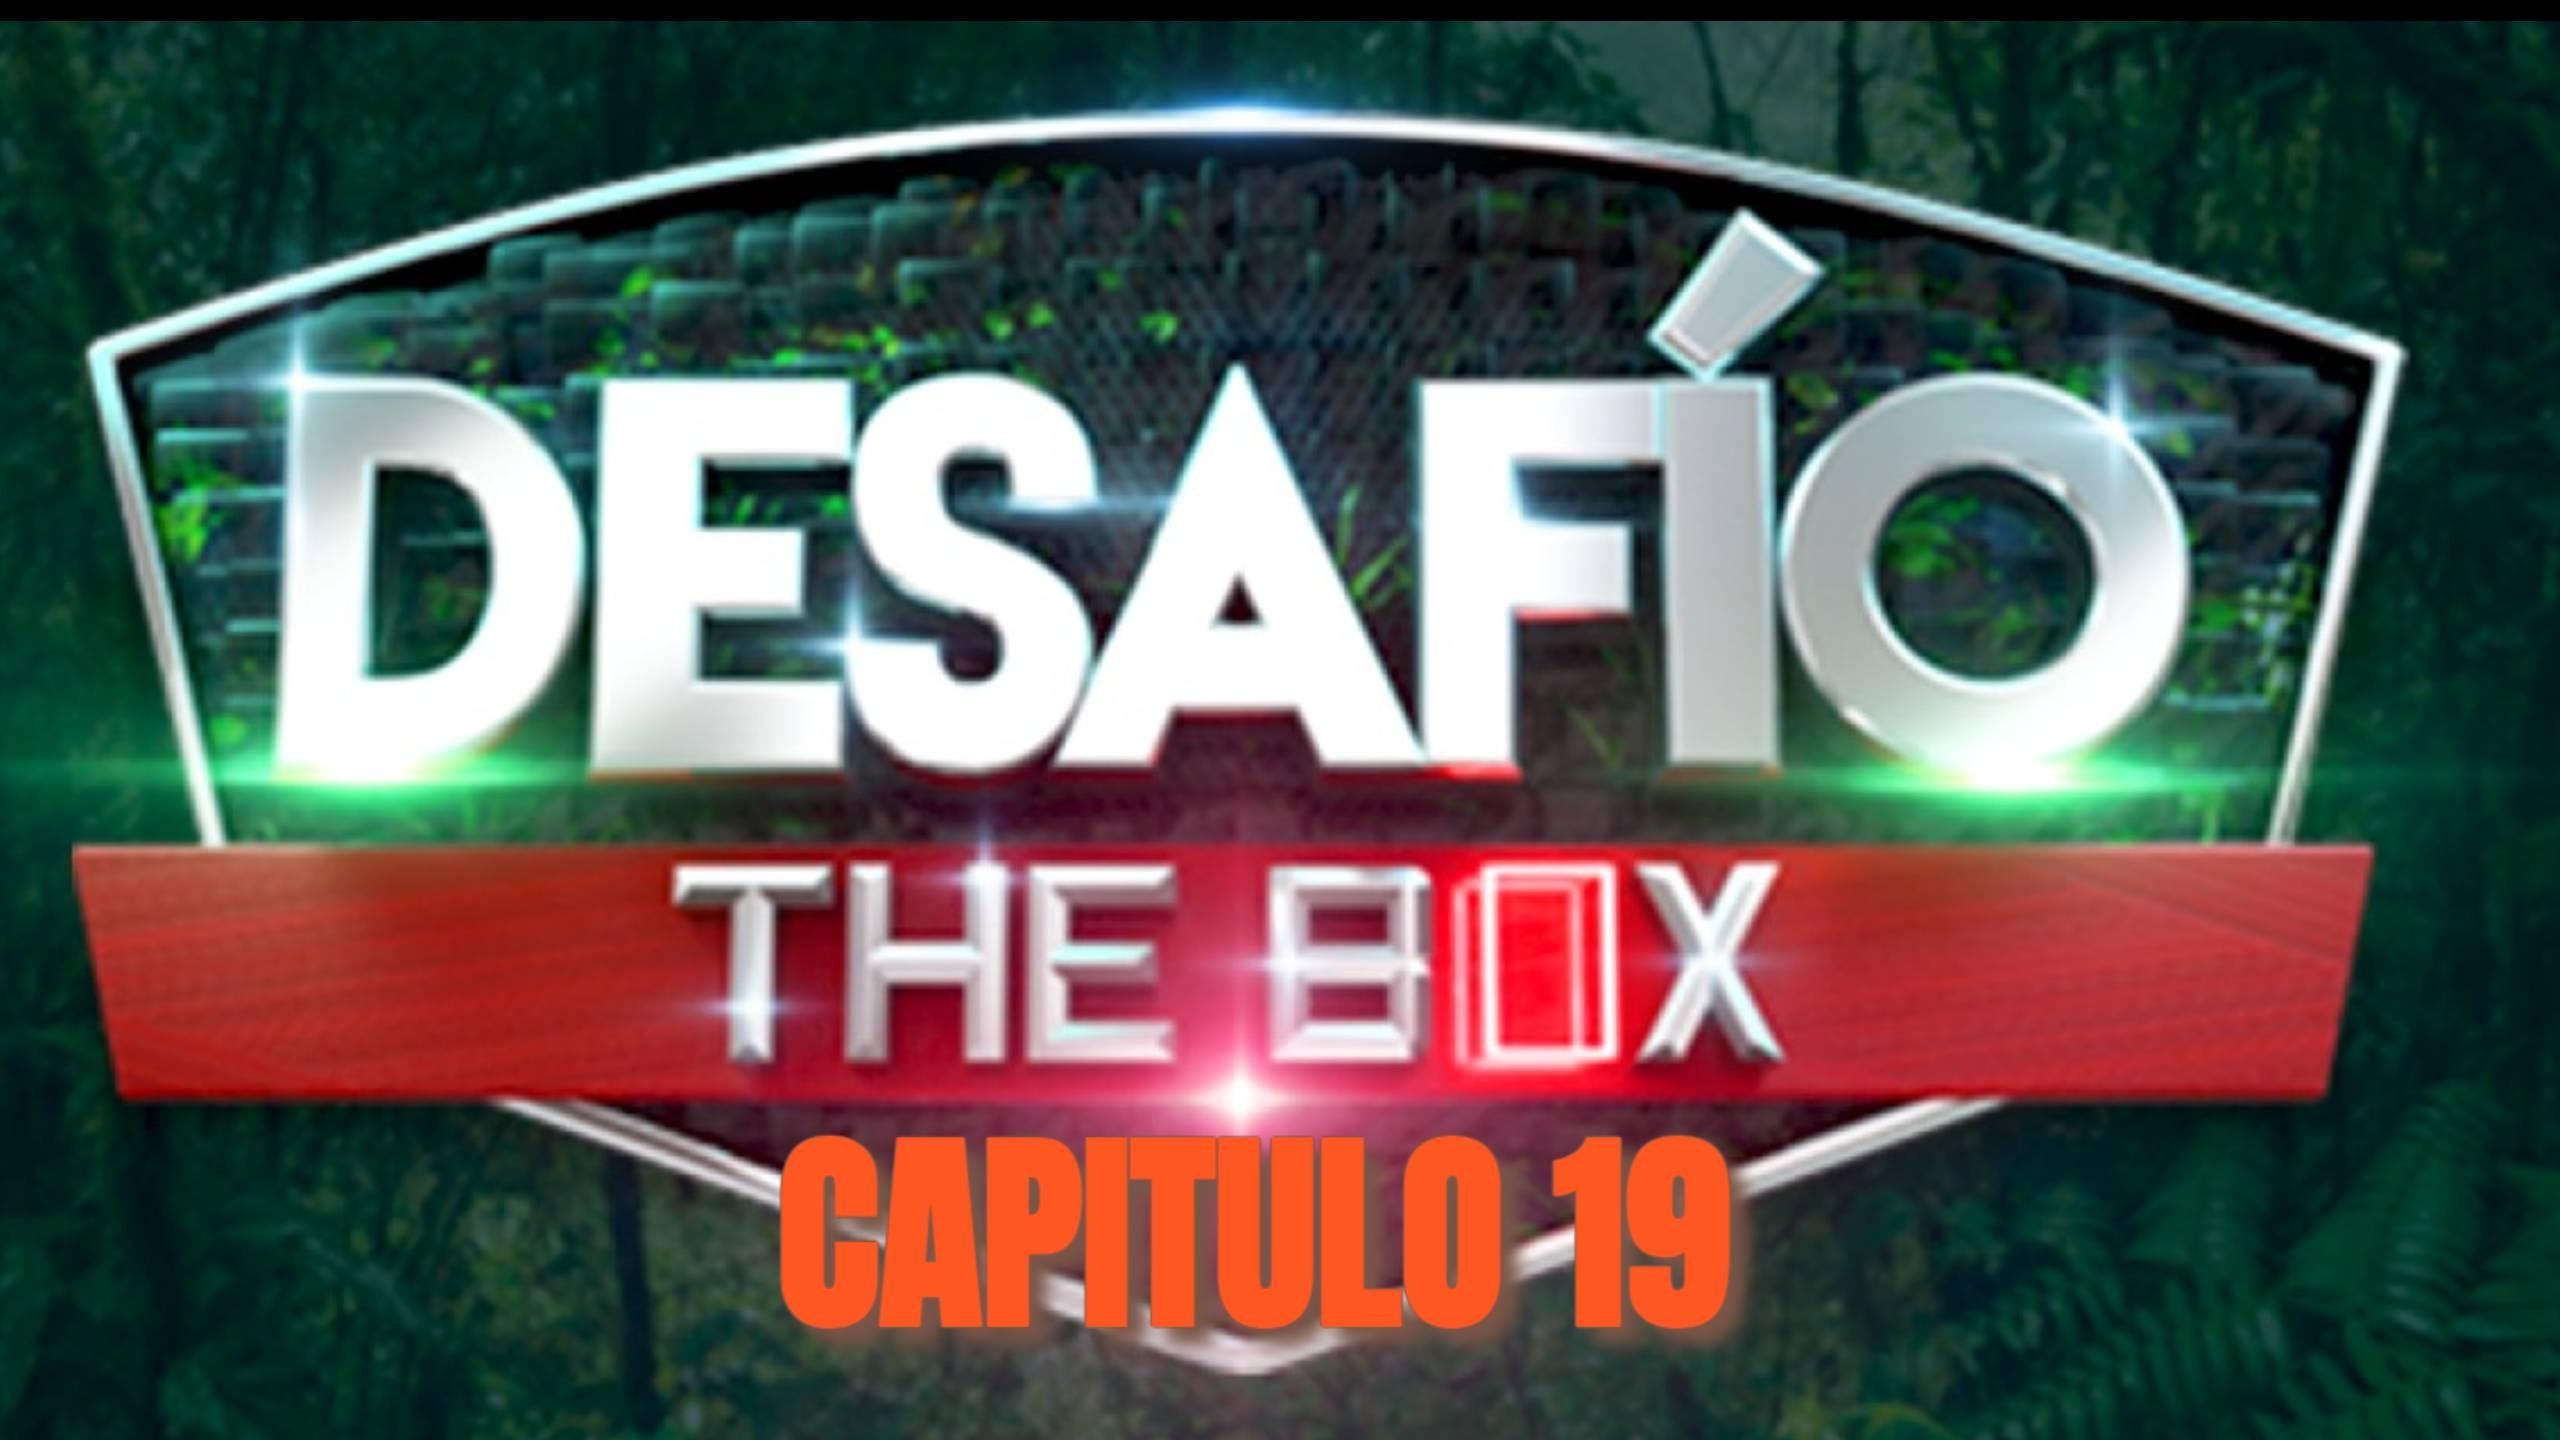 Desafio The Box 2021 CAPITULO 19